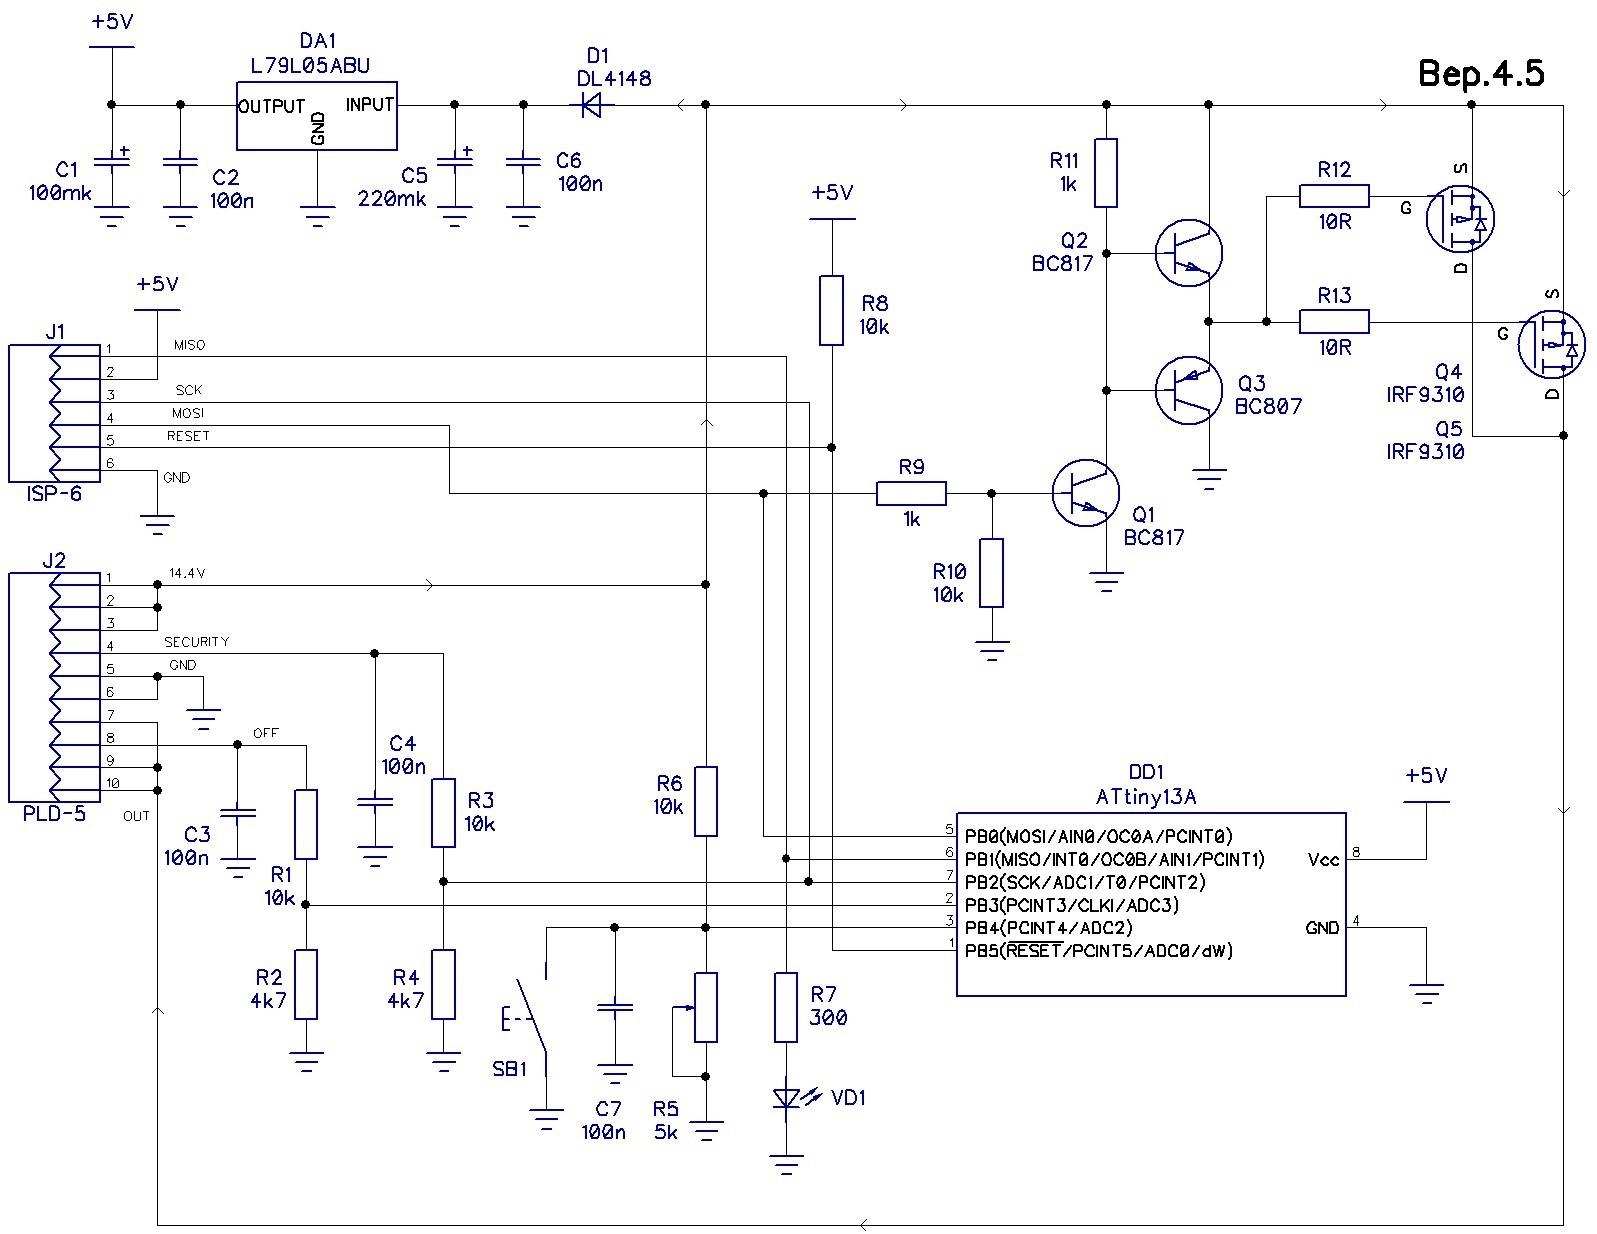 схема для плавного включения и выключения диодов